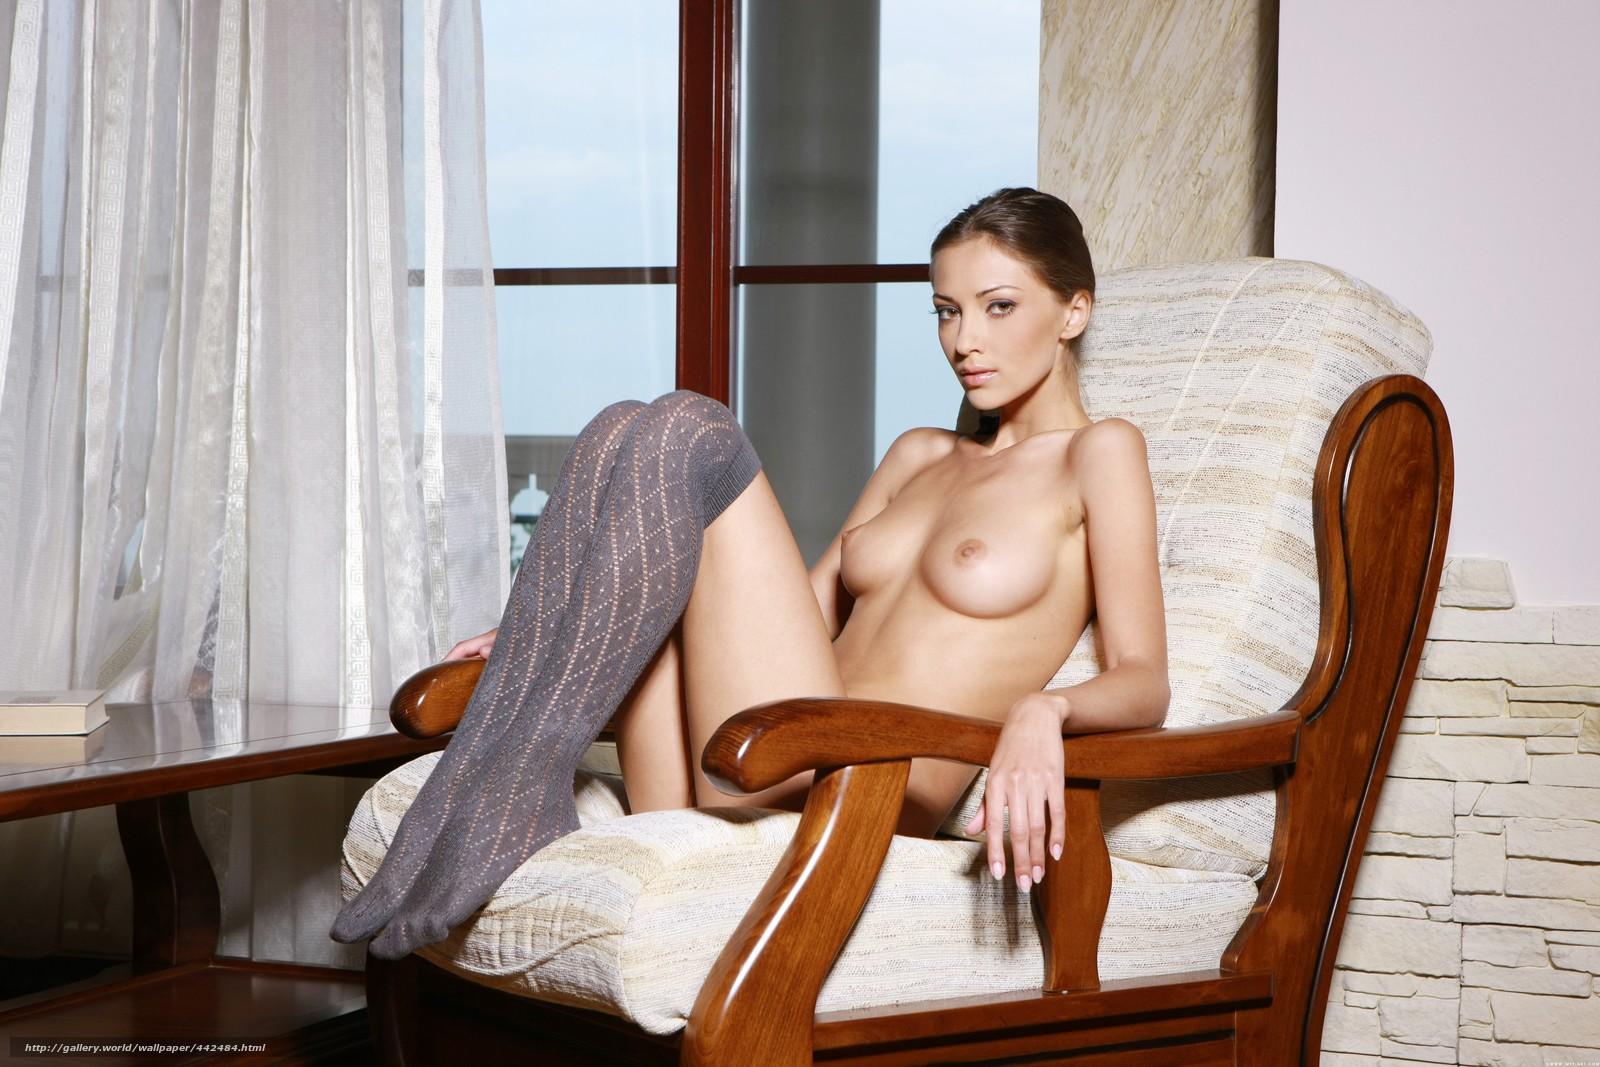 Фото сеты с моделью анне 14 фотография